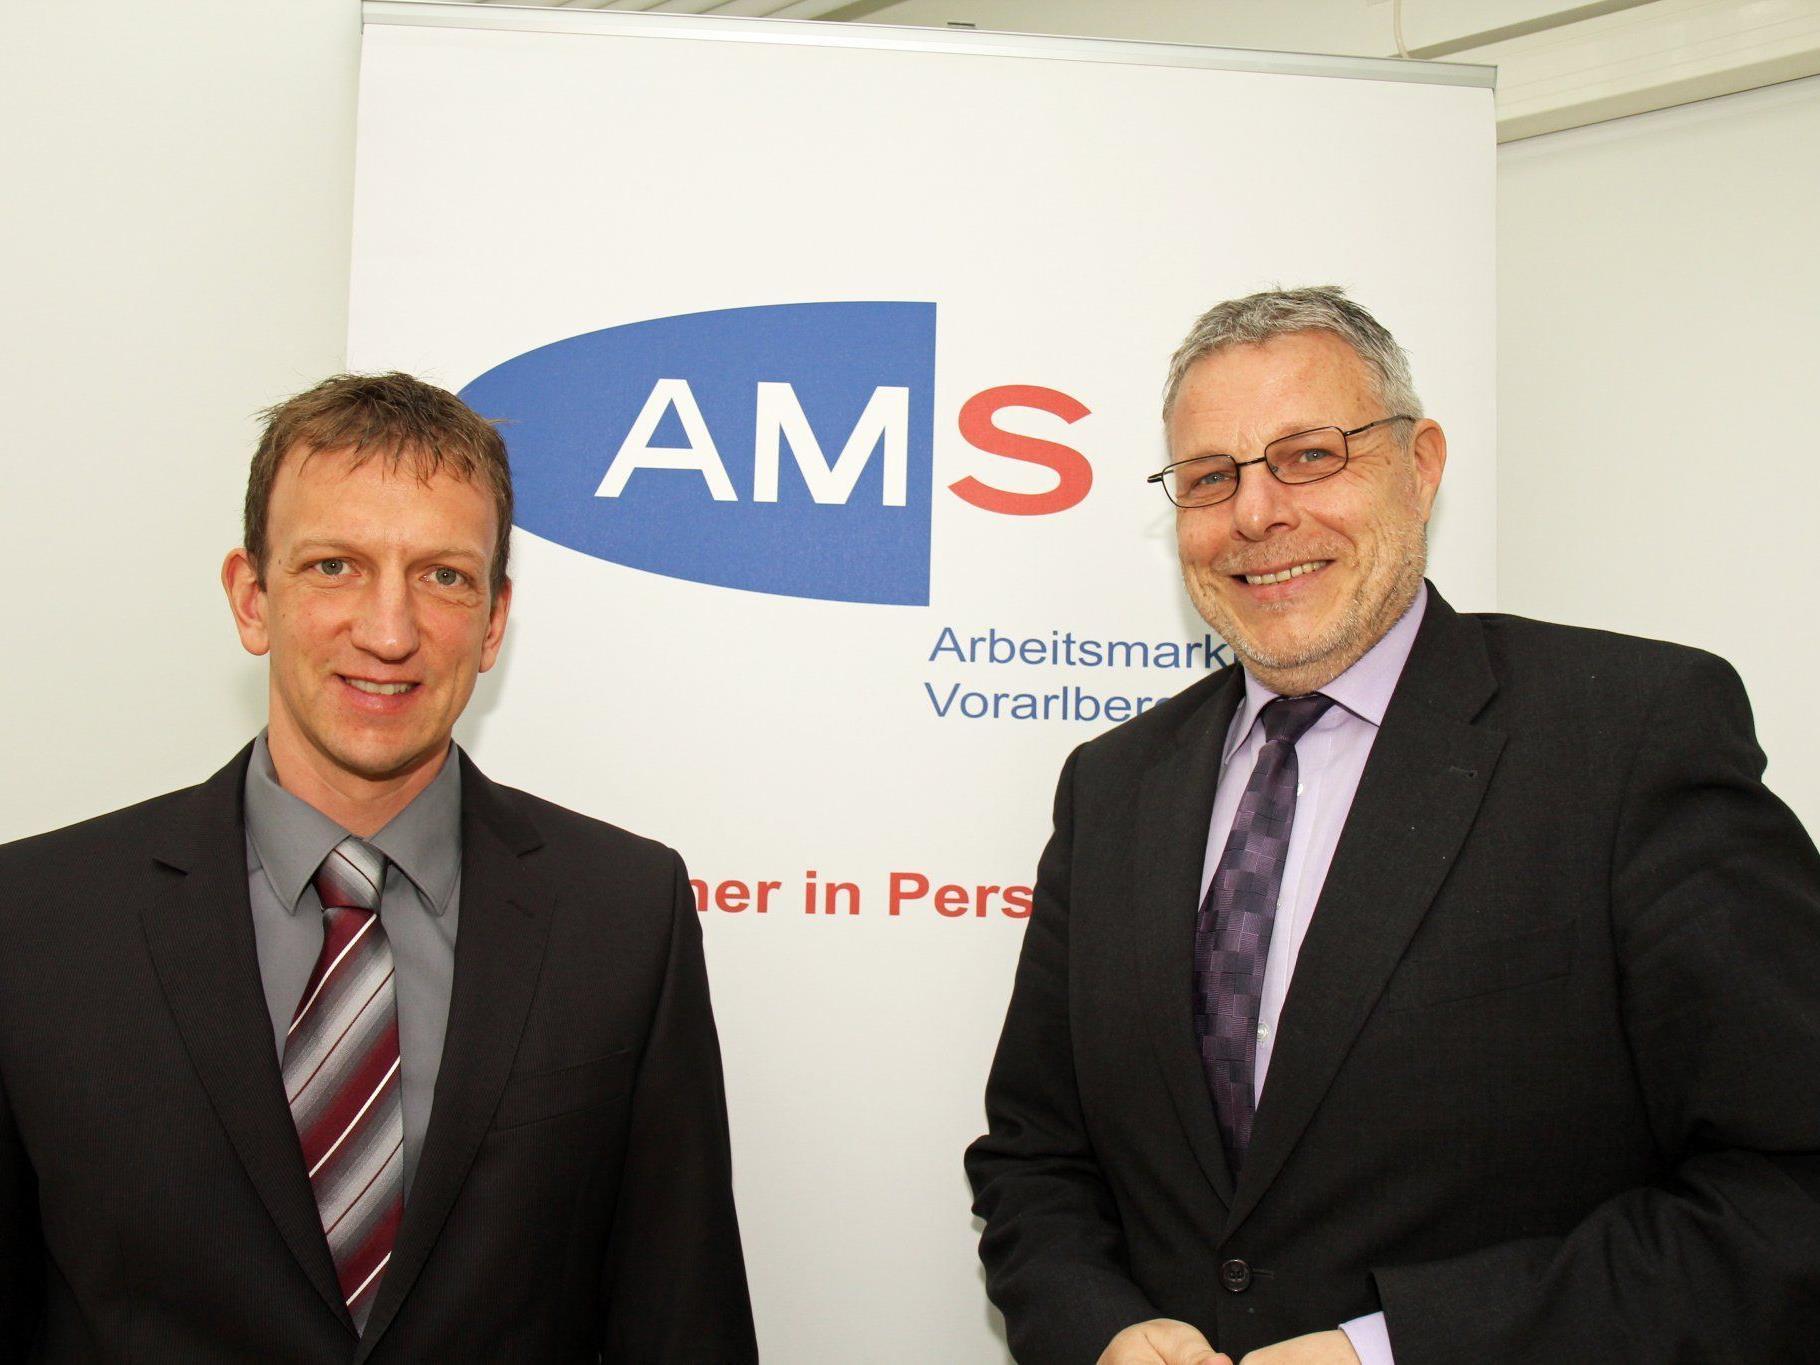 Arbeitsmarkt in Vorarlberg: Guter Start ins Jahr 2012